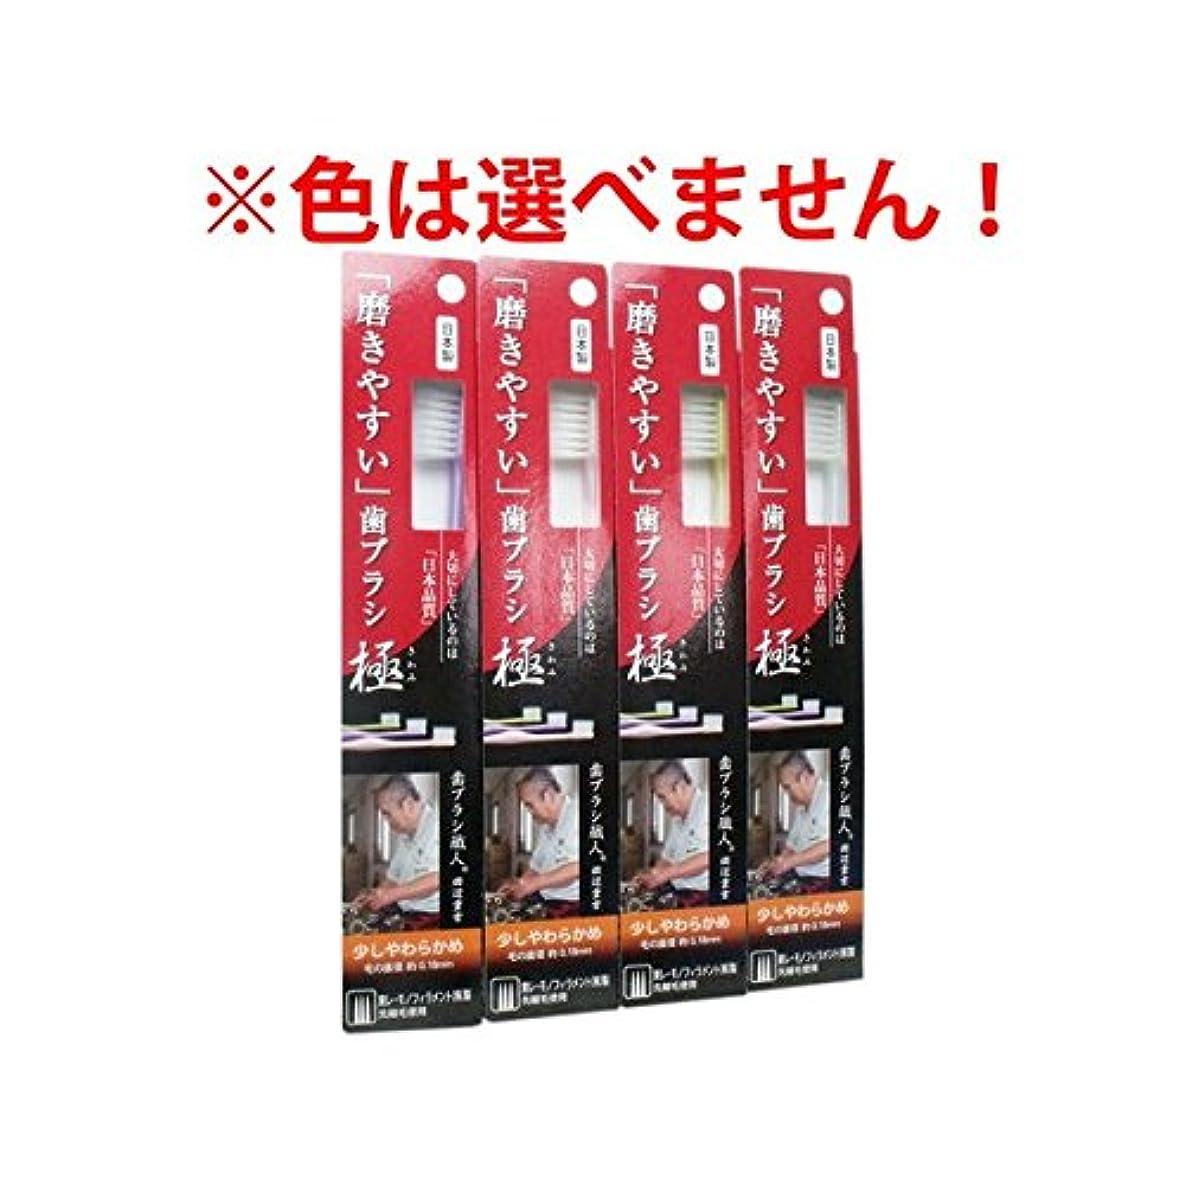 ライフレンジ 磨きやすい歯ブラシ極 1P*12本入り LT-25(少しやわらかめ)